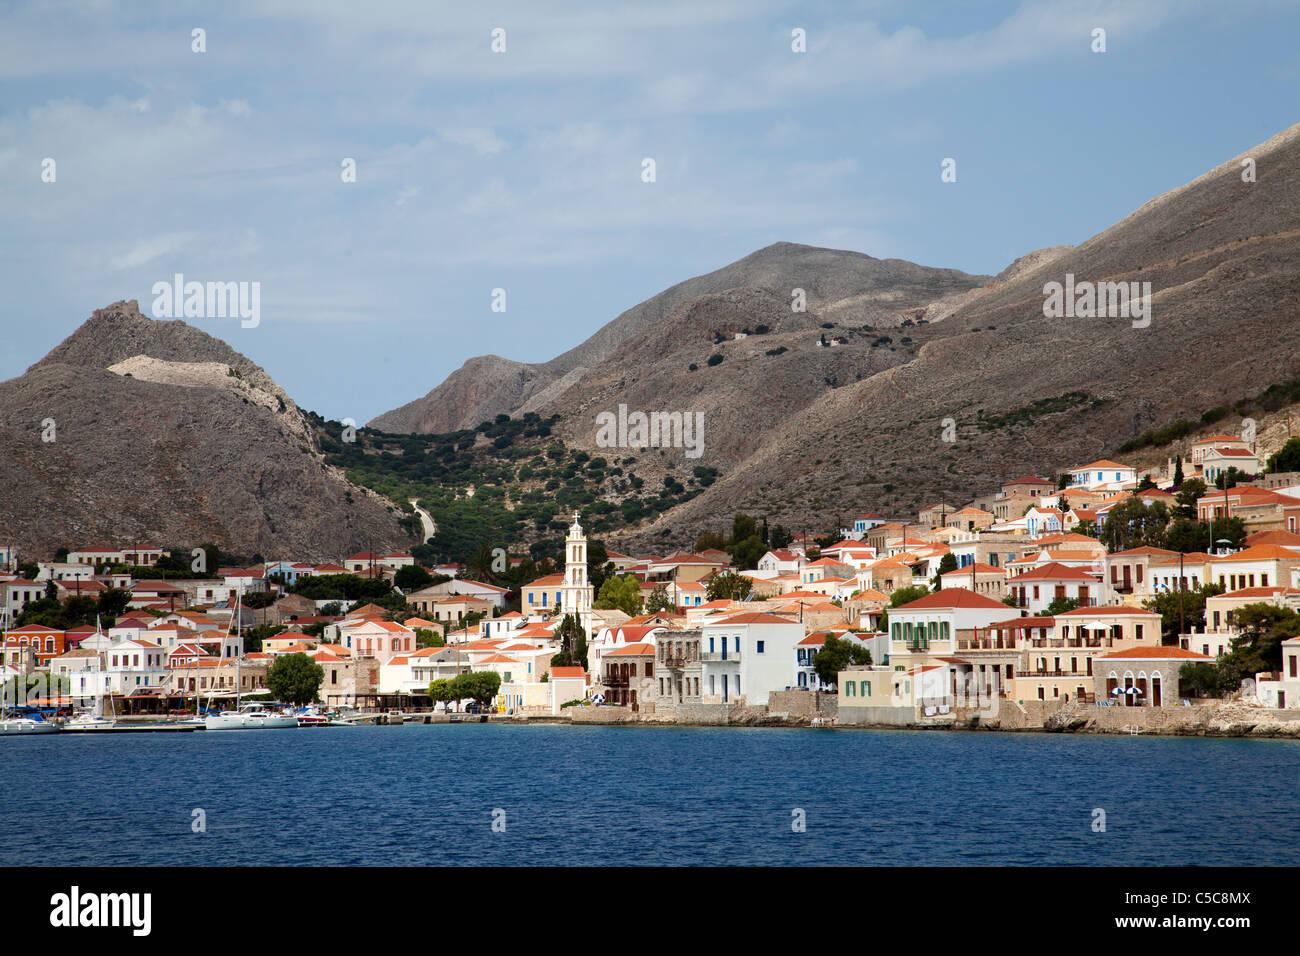 Greece island of Chalki Halki - Stock Image